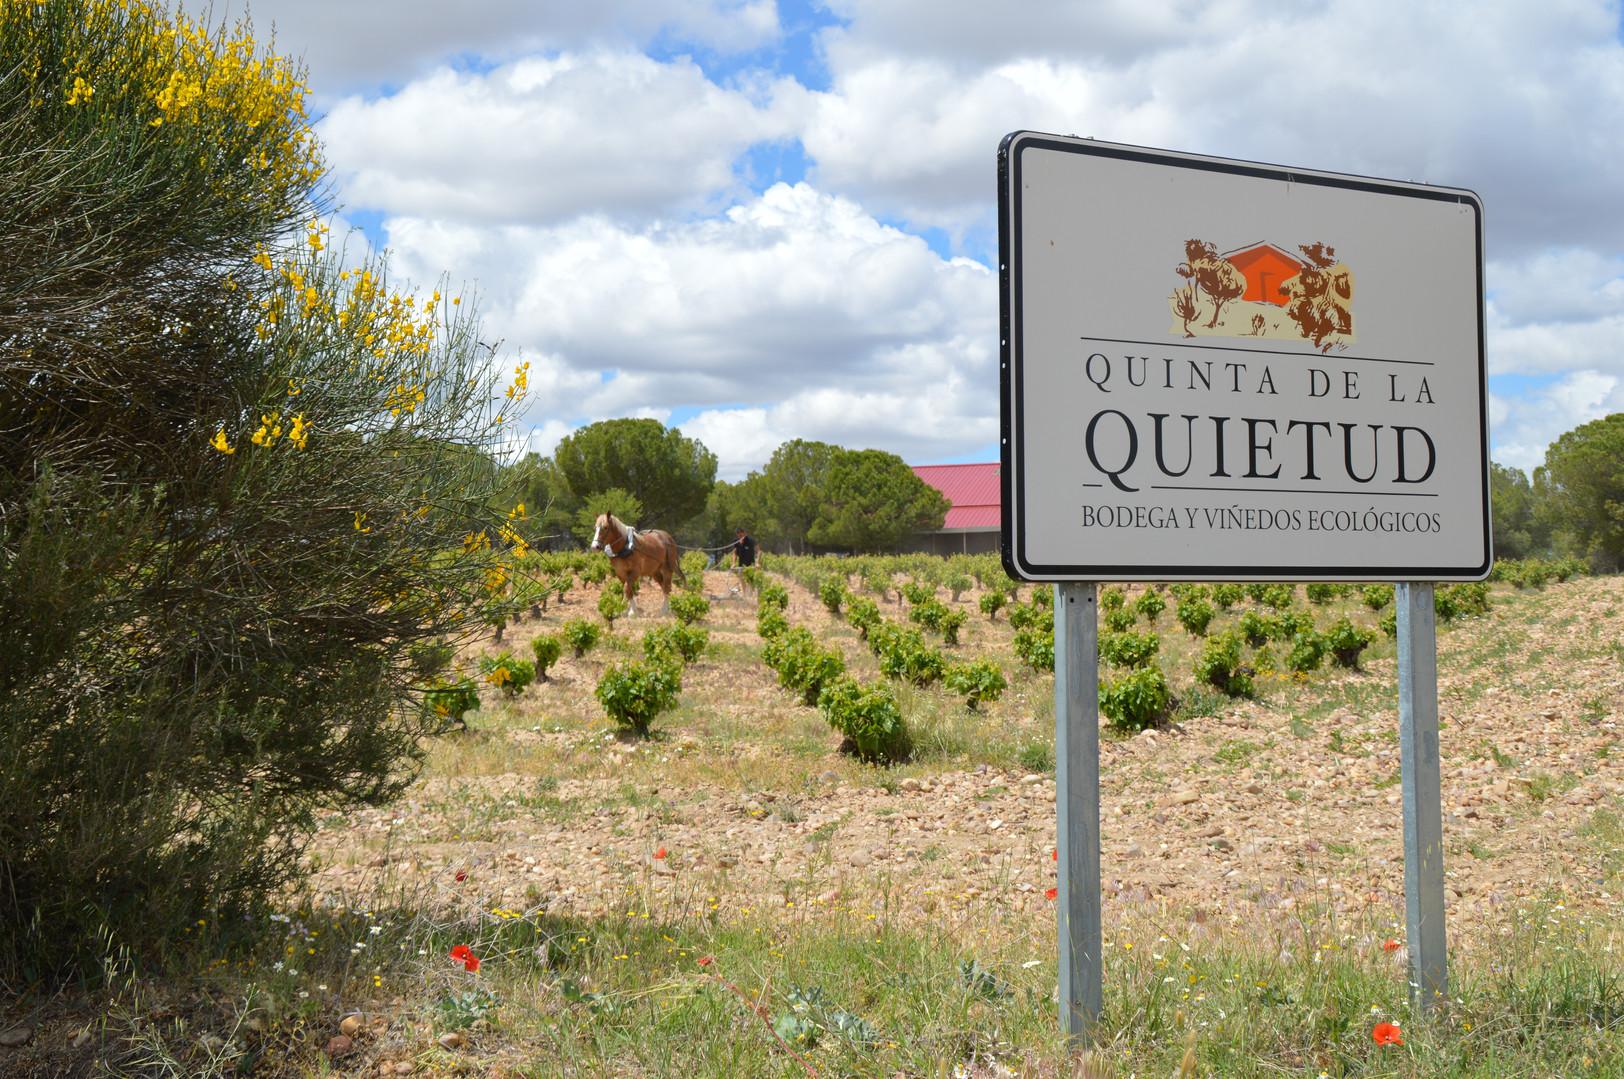 Quinta de la Quietud